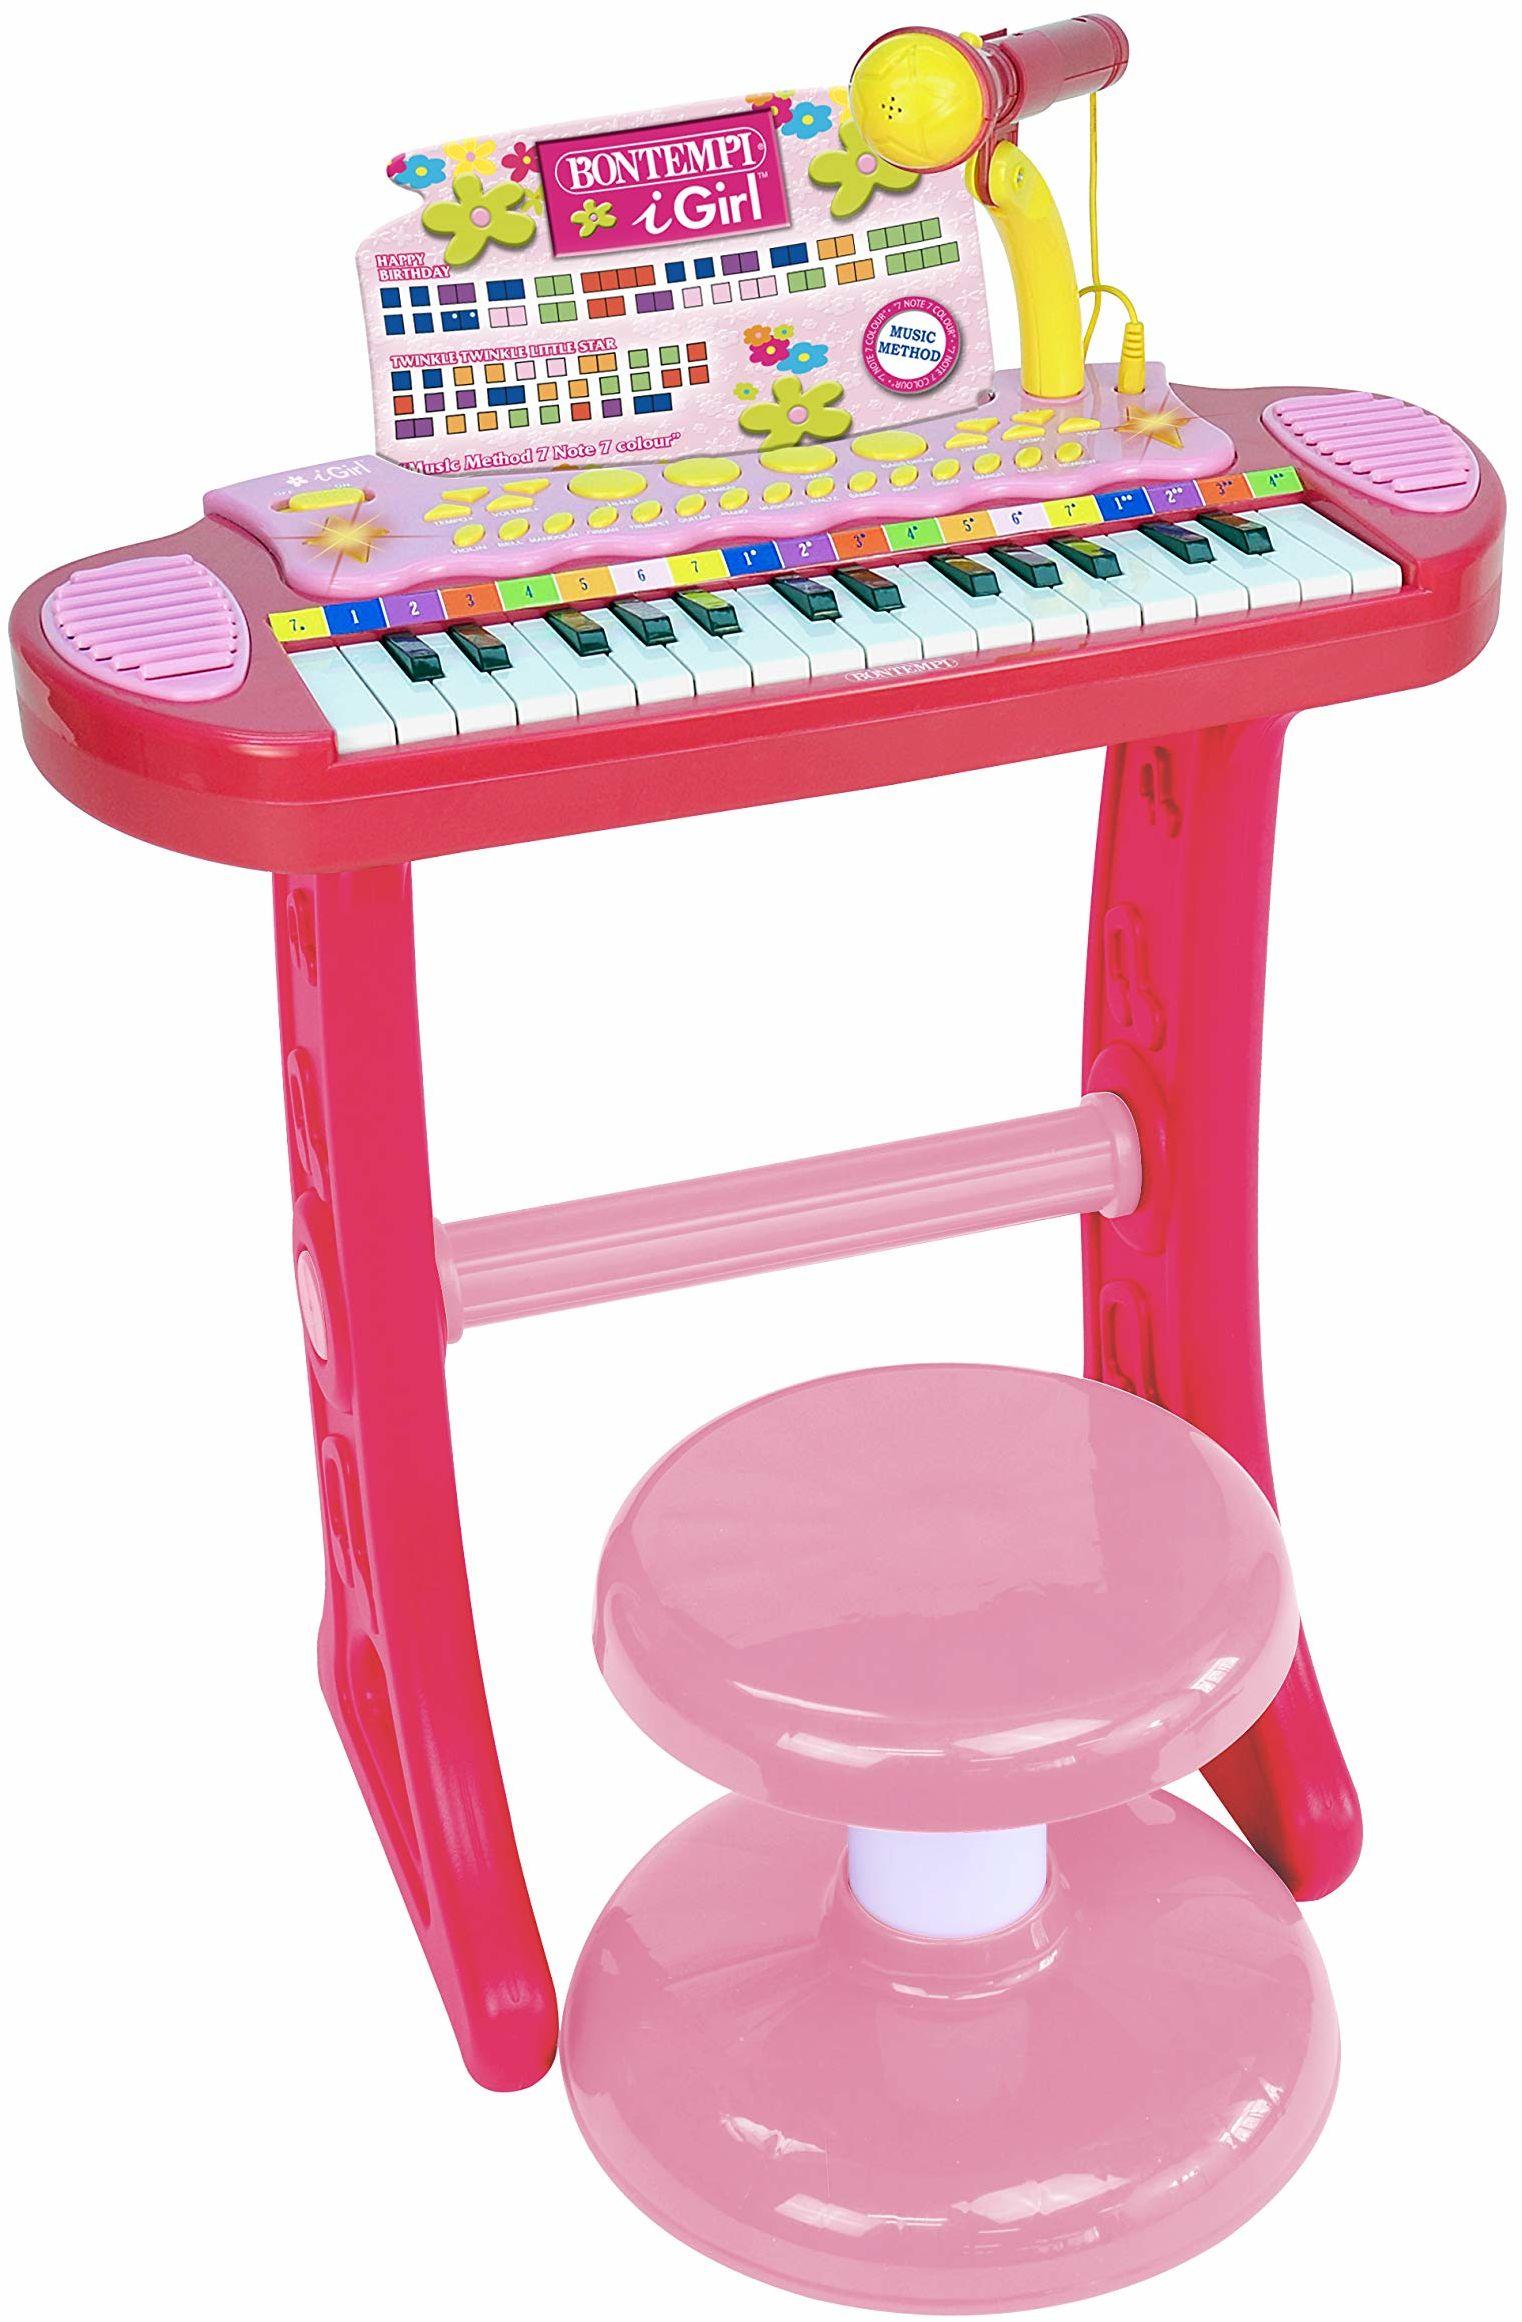 Bontempi 13 3671 elektroniczny keyboard z 31 przyciskami, w zestawie mikrofon i taboret